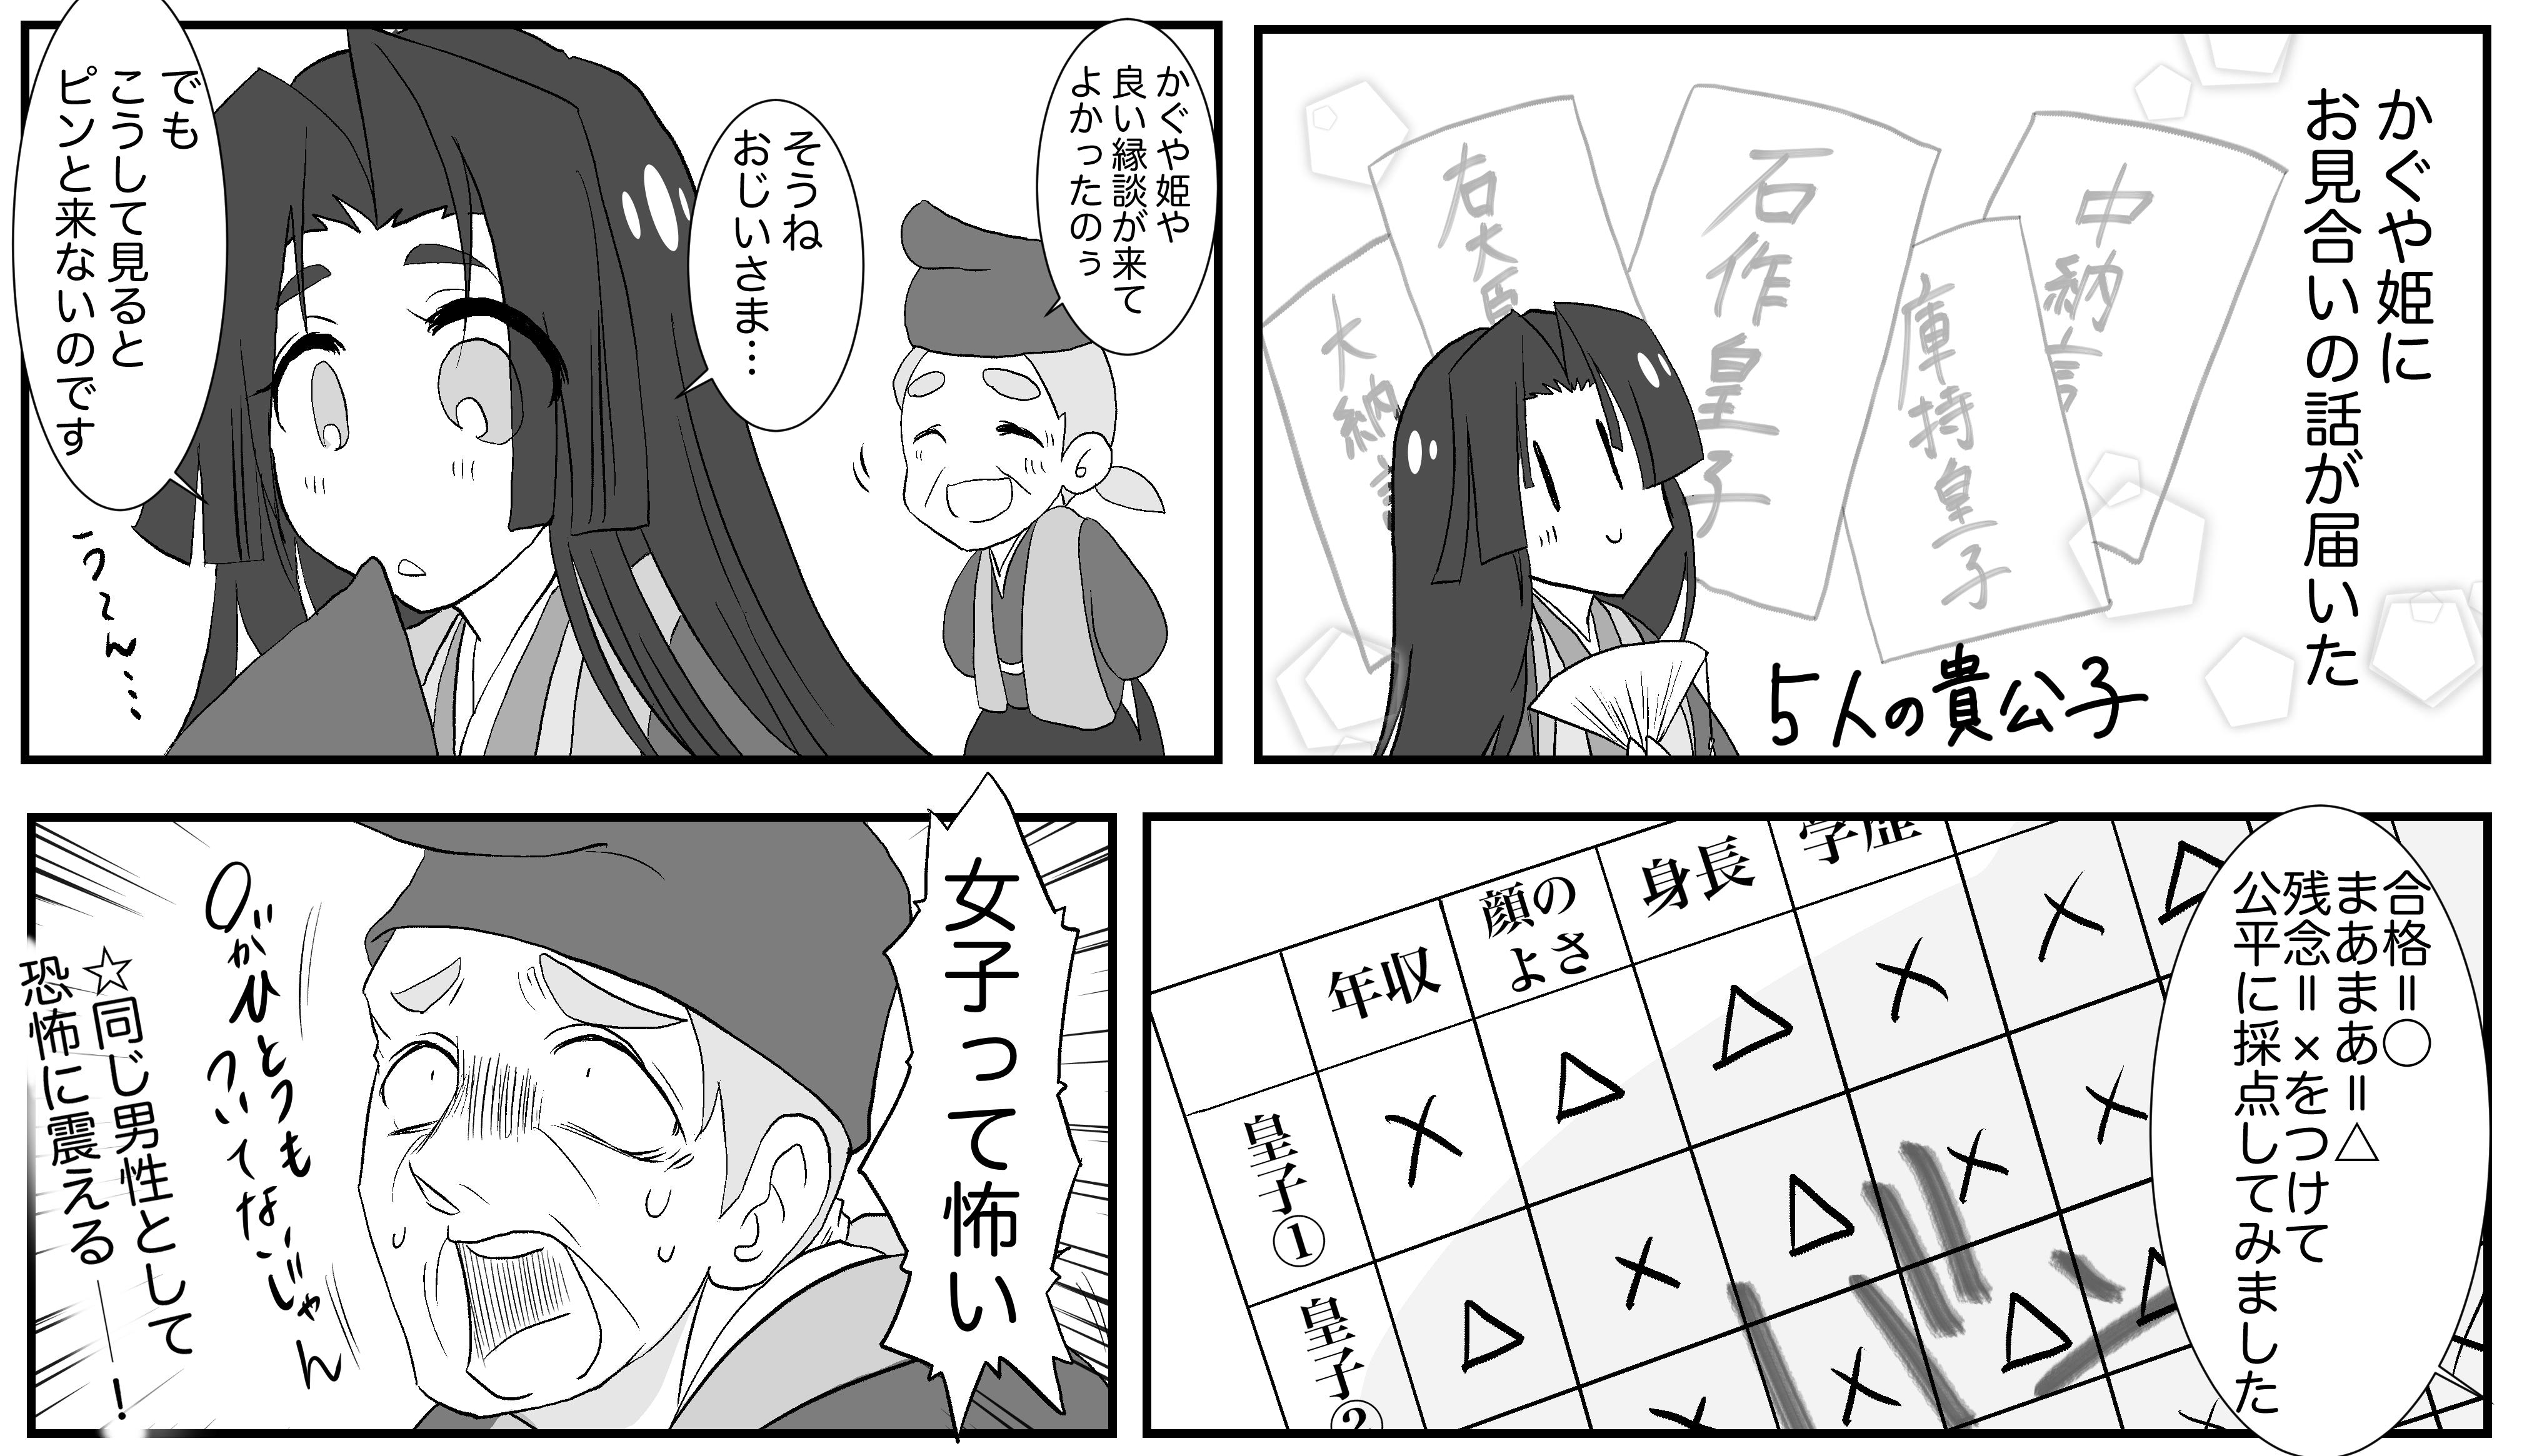 【婚活漫画】理想のお相手が訪れないかぐや姫③